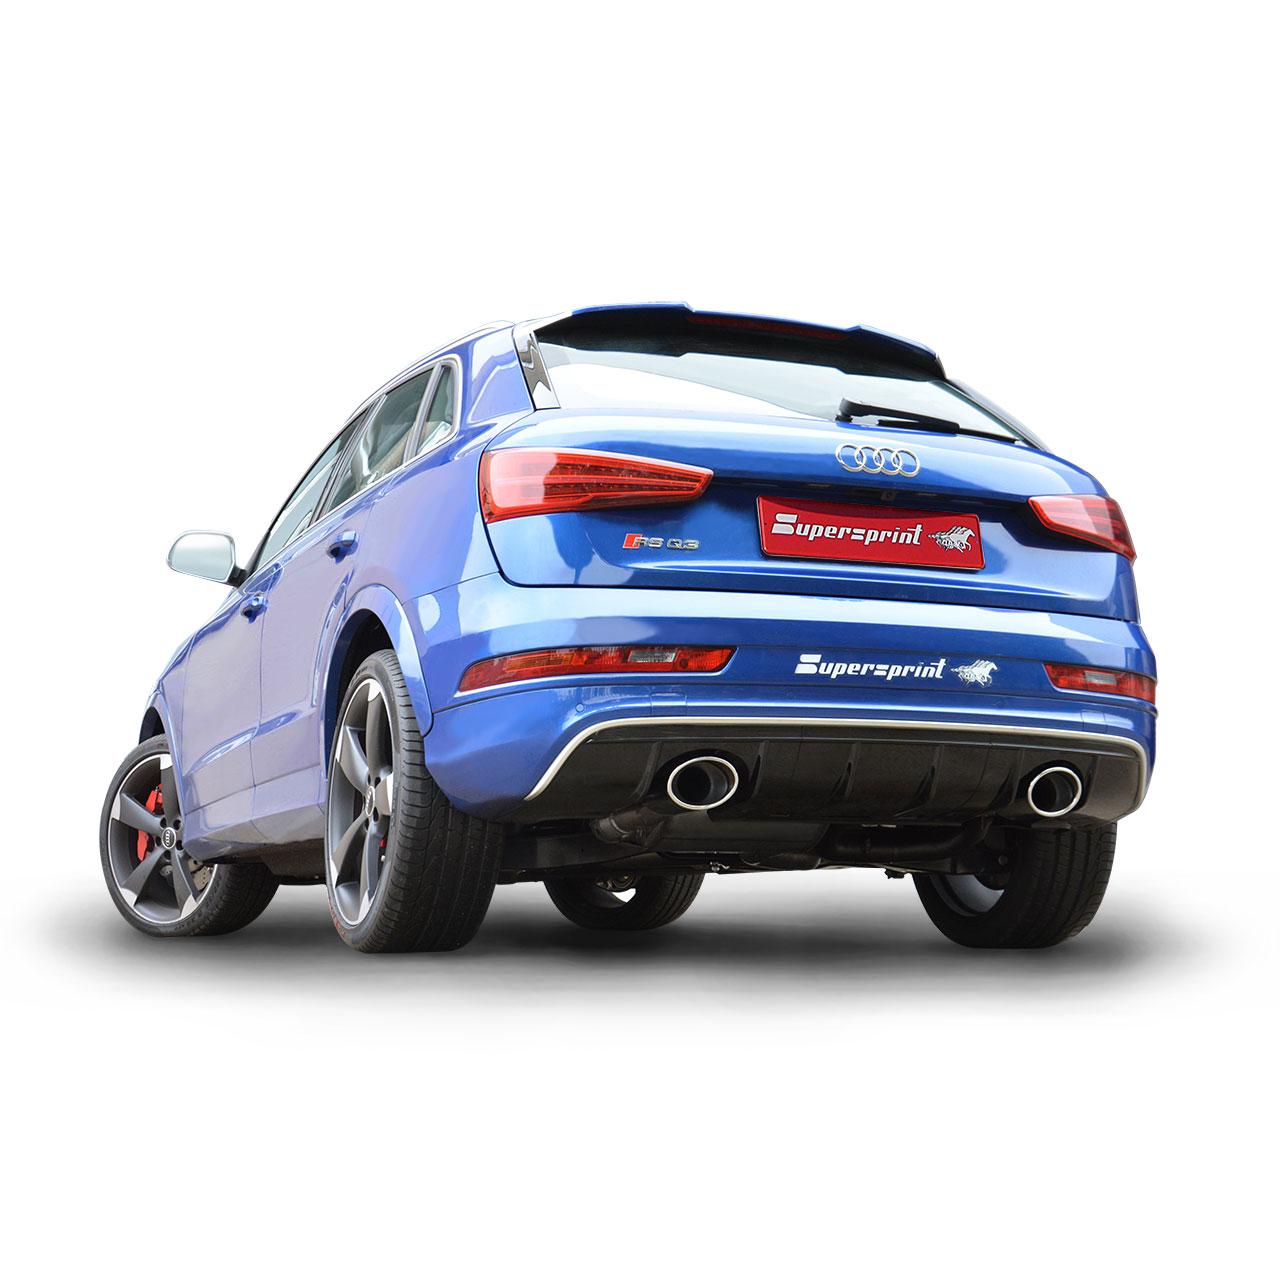 Neue Sportauspuff F 252 R Audi Rs Q3 Mit Klappe Und Dual Ausg 228 Ngen 2015 Oktober 16